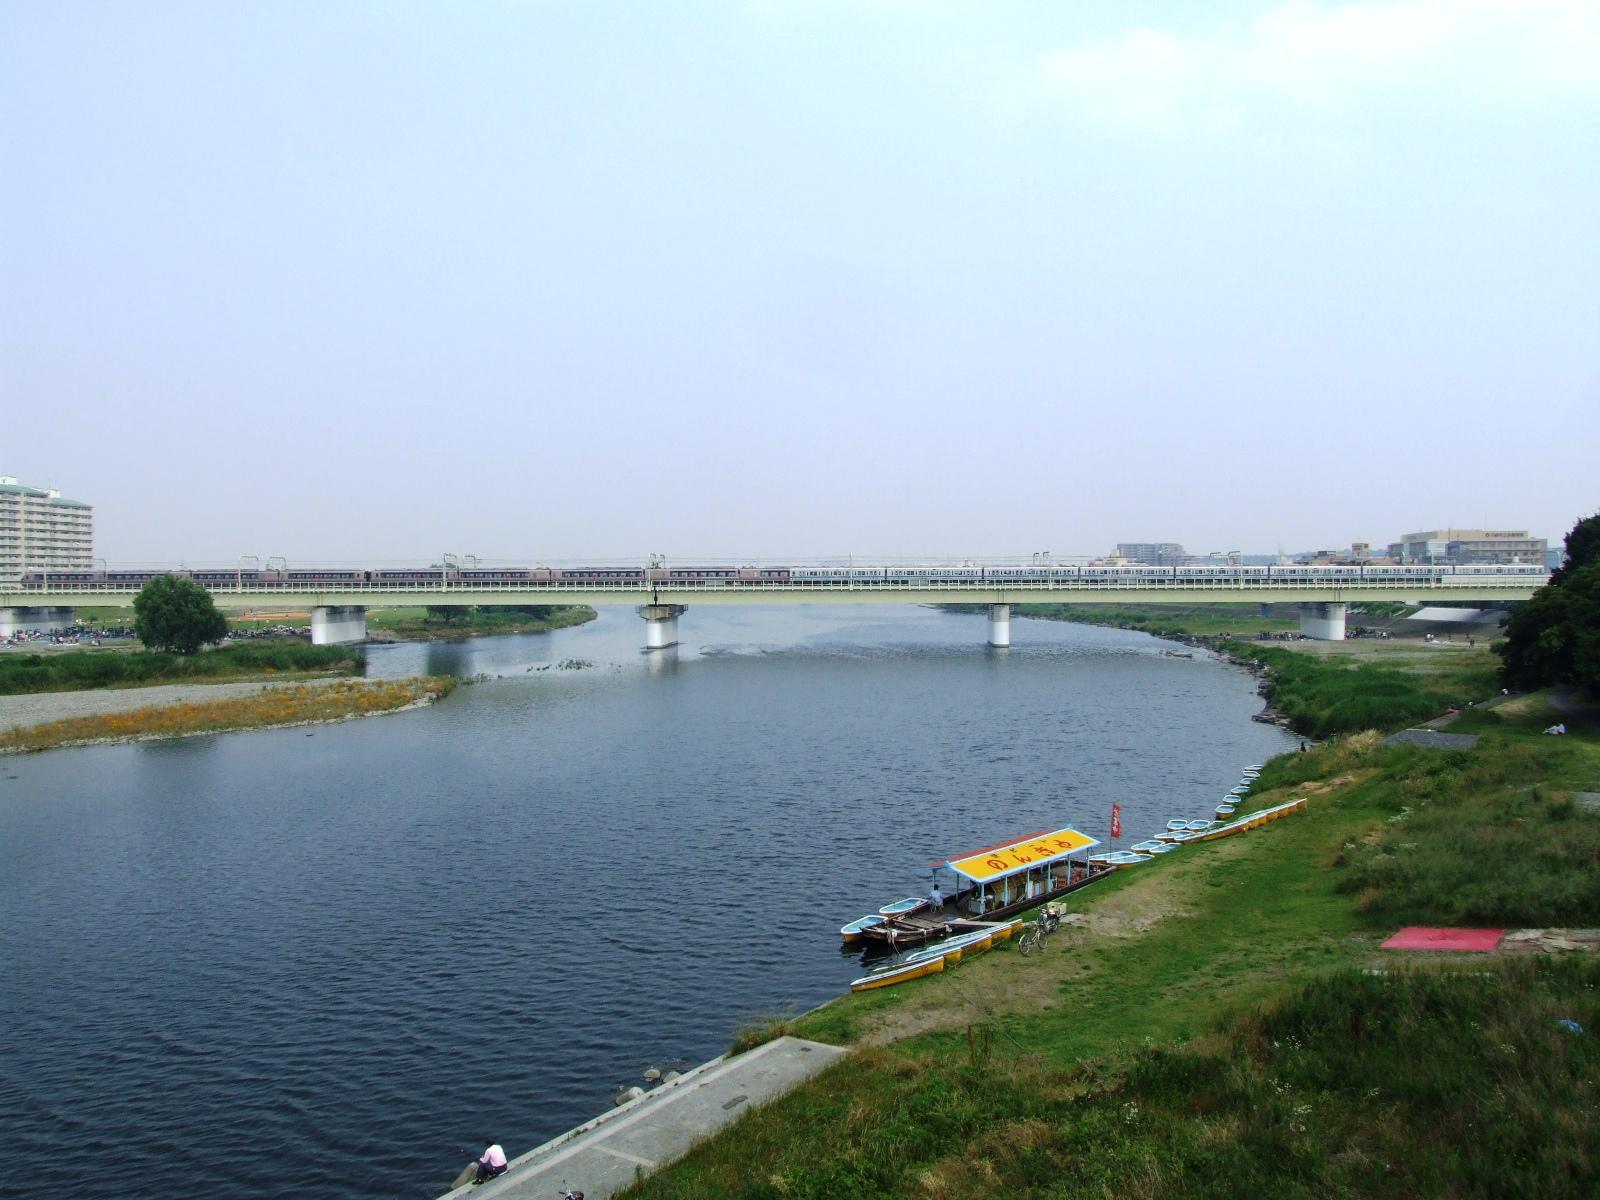 ゆく川の流れ~river27~: 北の...